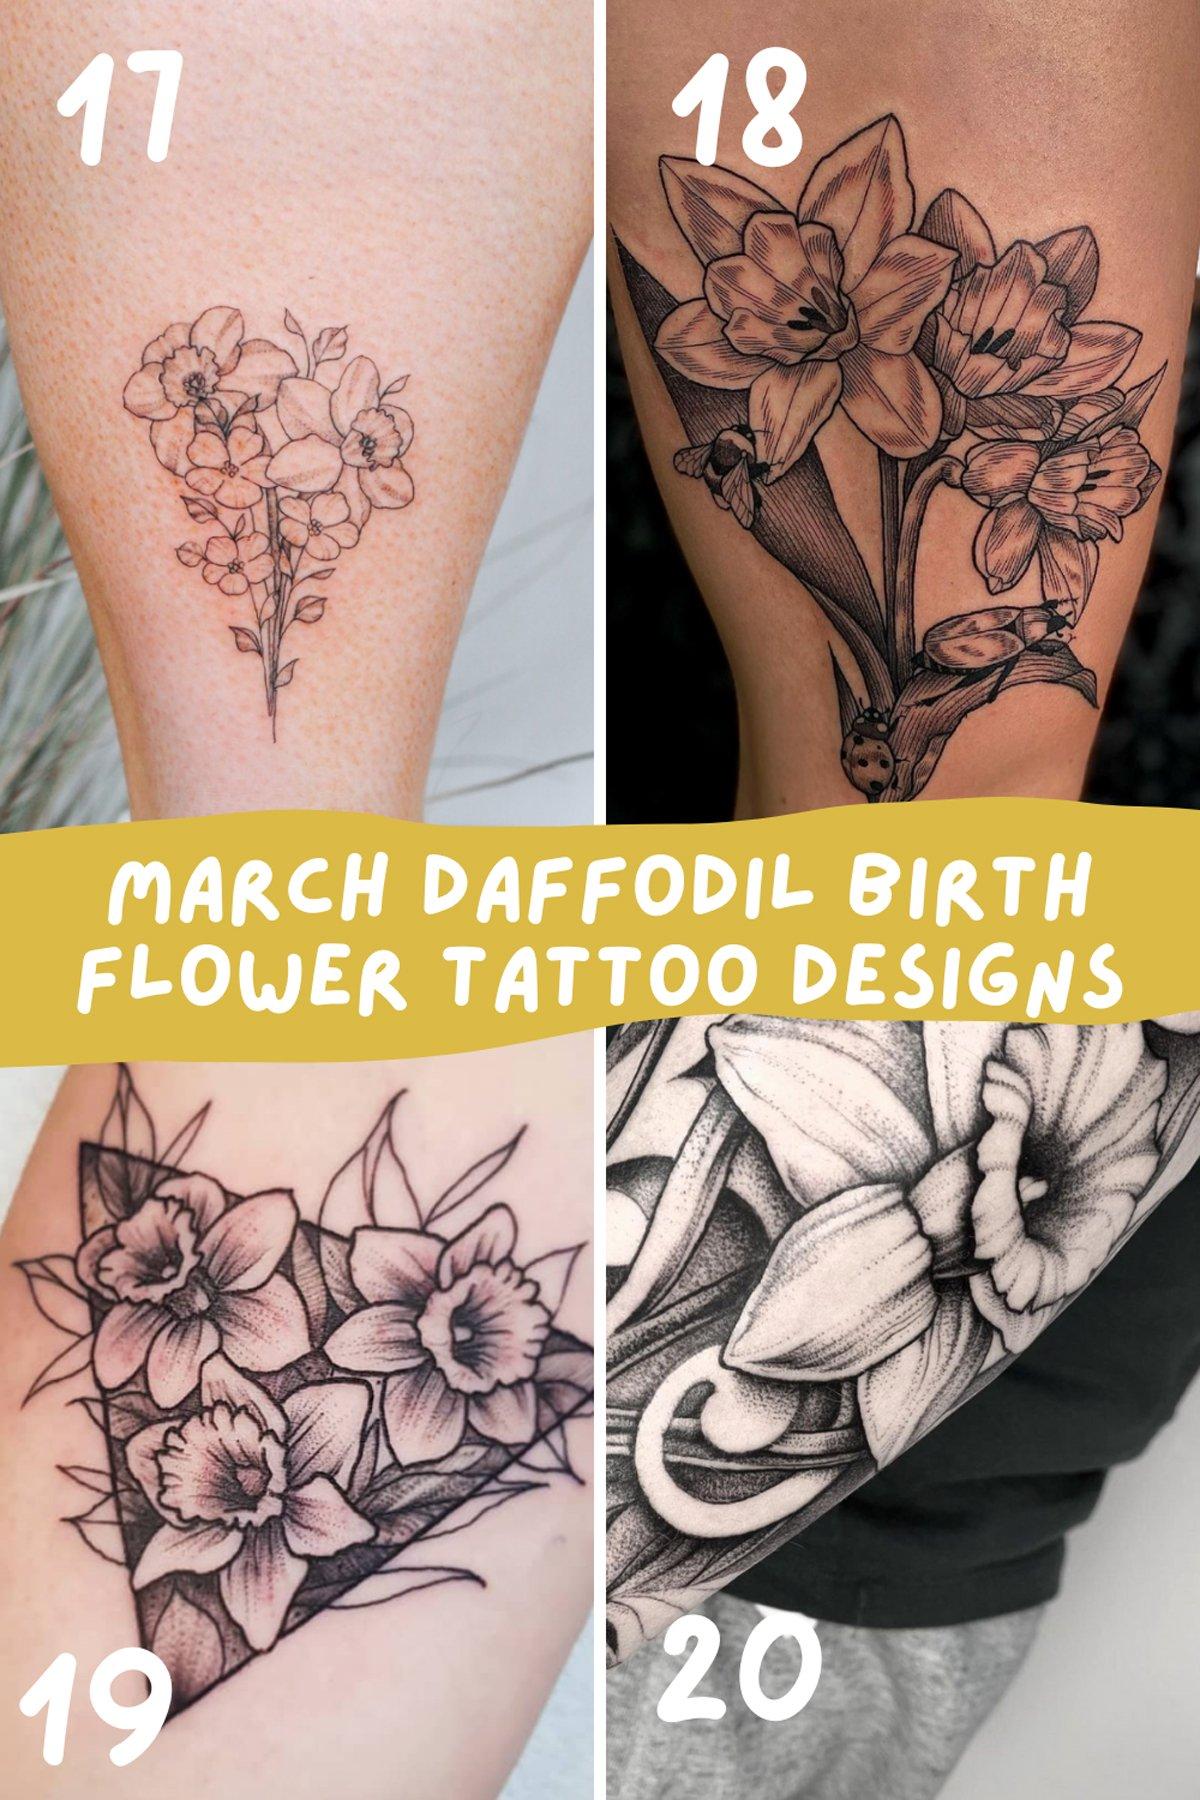 March Daffodil Birth Flowers Tattoos Designs